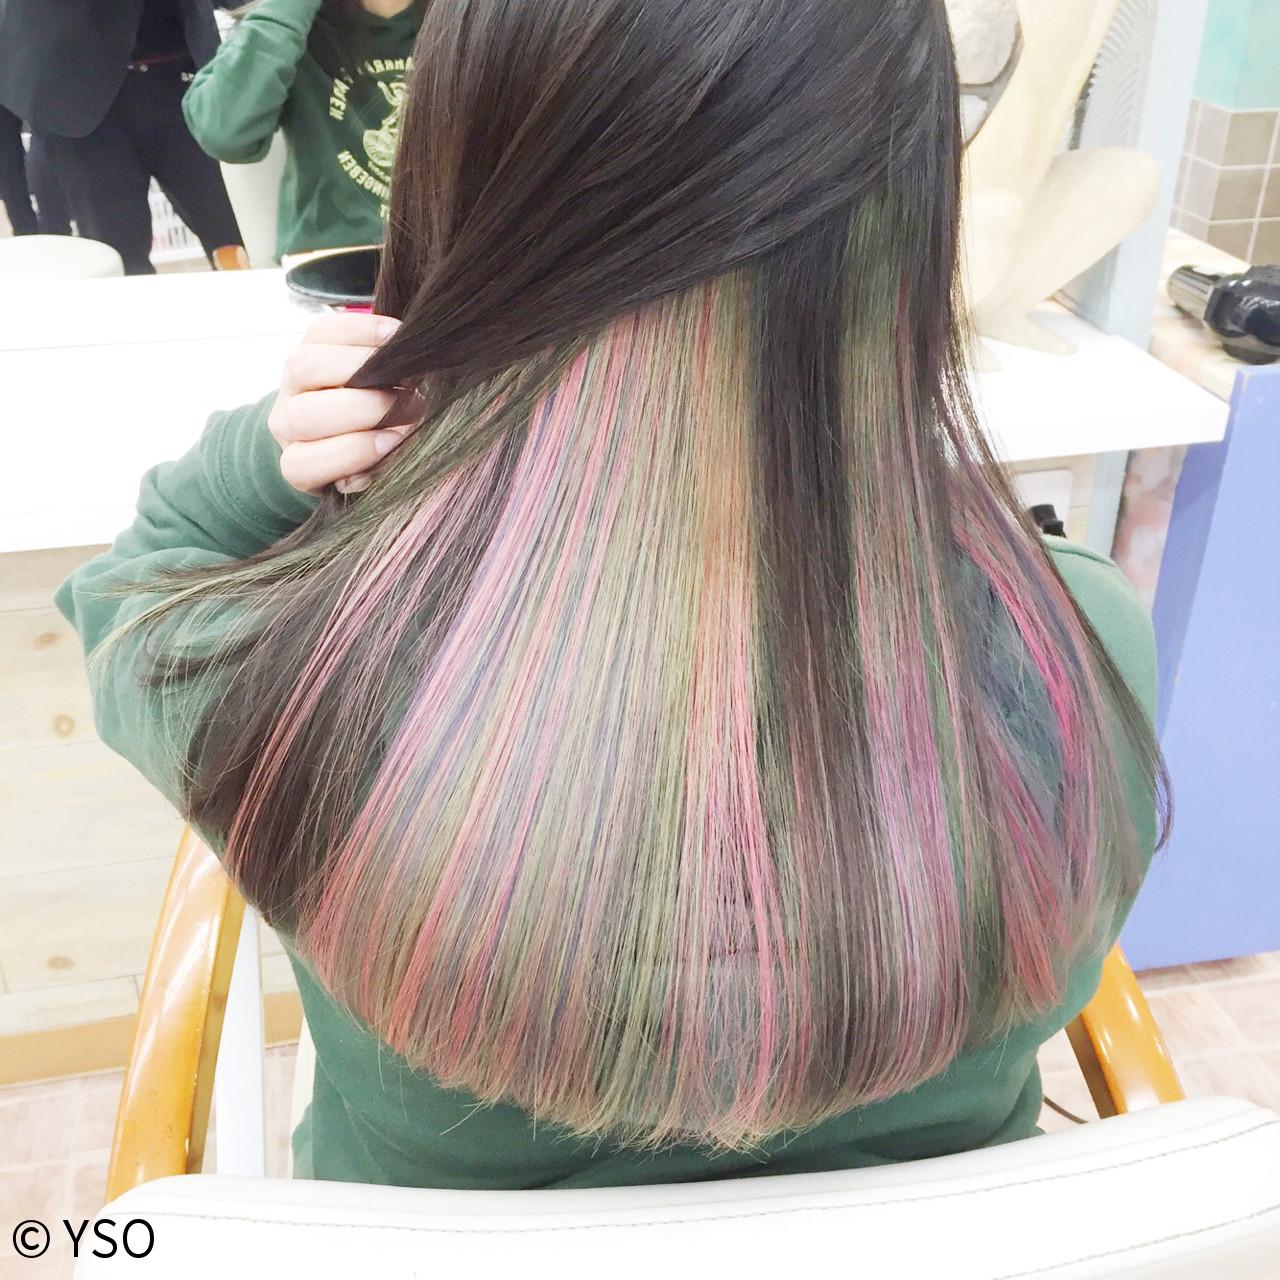 一度でいいから真似してみたい!遊びゴコロ溢れる究極のヘアカラーカタログ☆ YSO